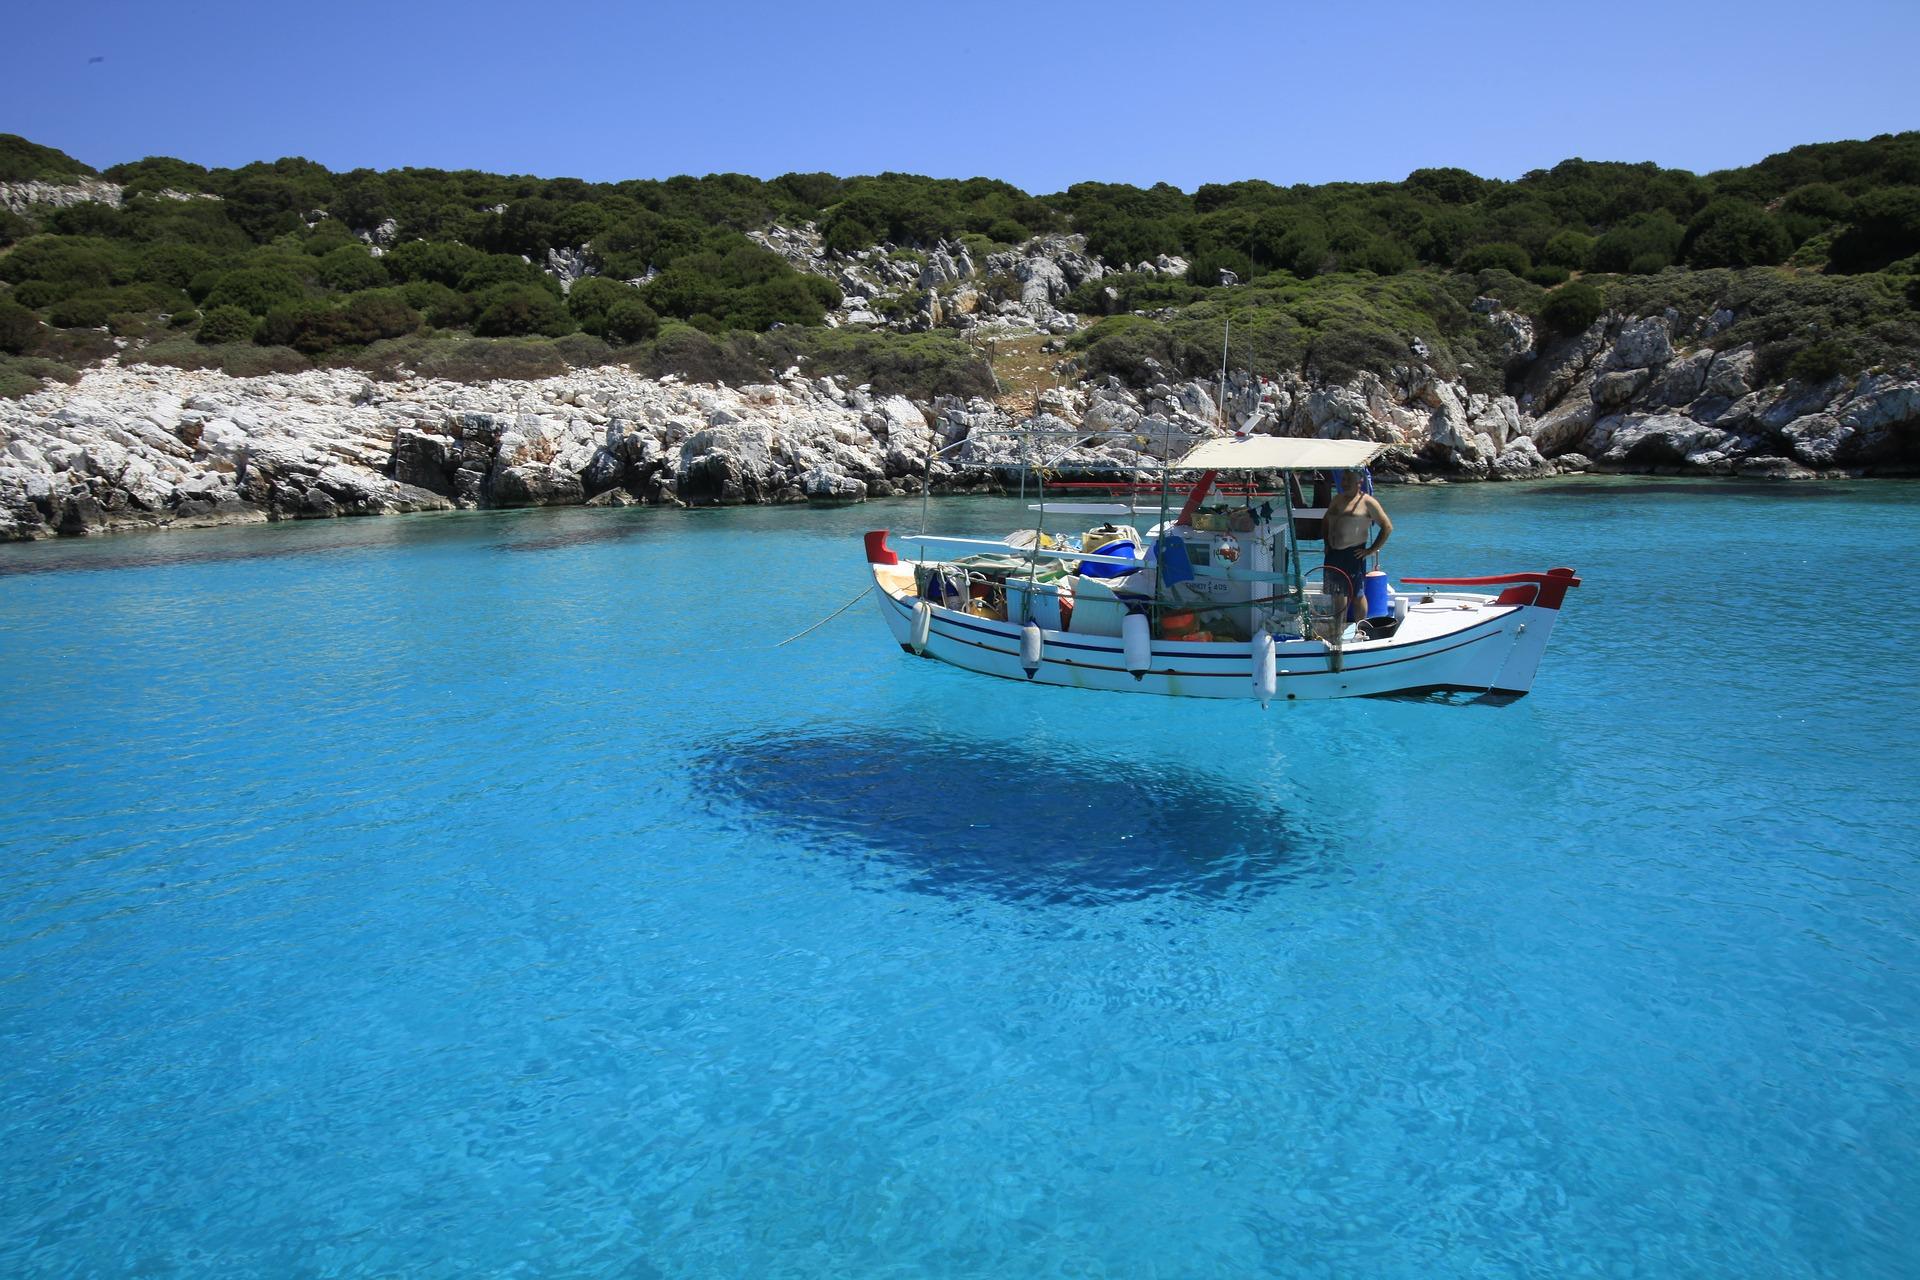 Griechenland - Klima & Tourismus die besten Reise Deals